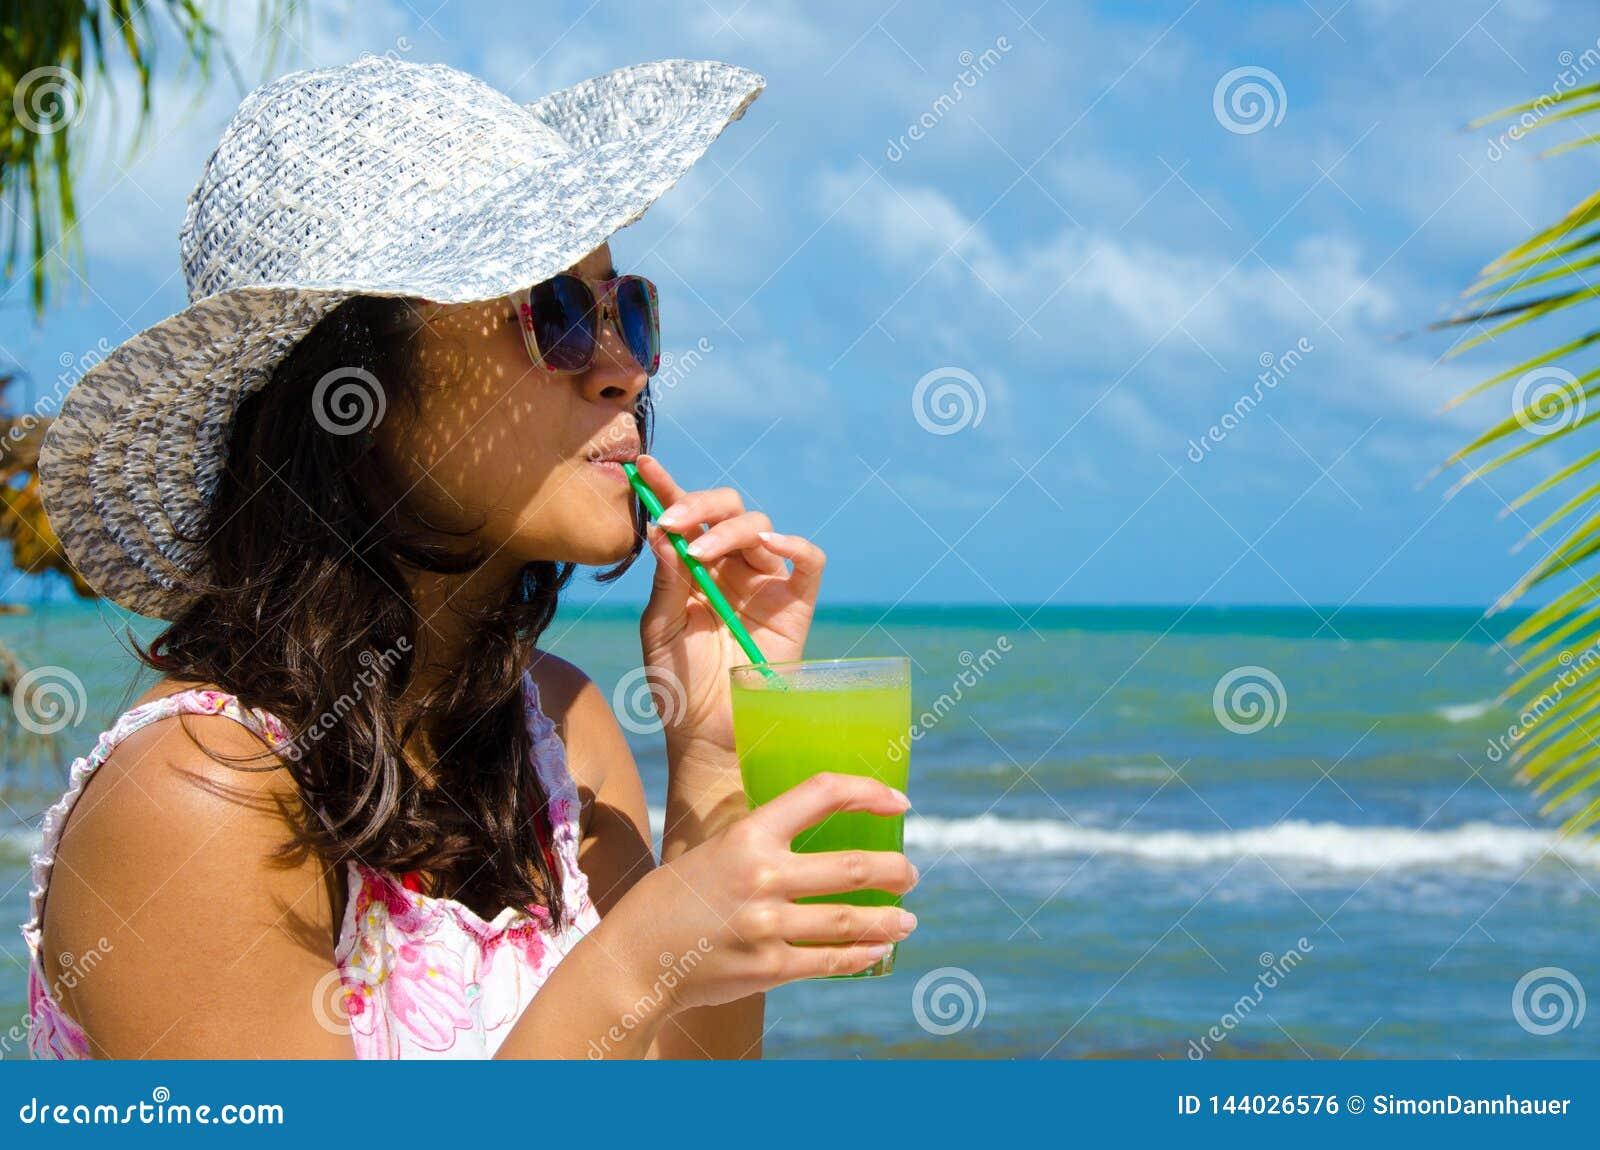 Cocktail r?g?n?rateur ? la plage ? Belize - r?cr?ation dans la destination tropicale pour des vacances - c?te de paradis